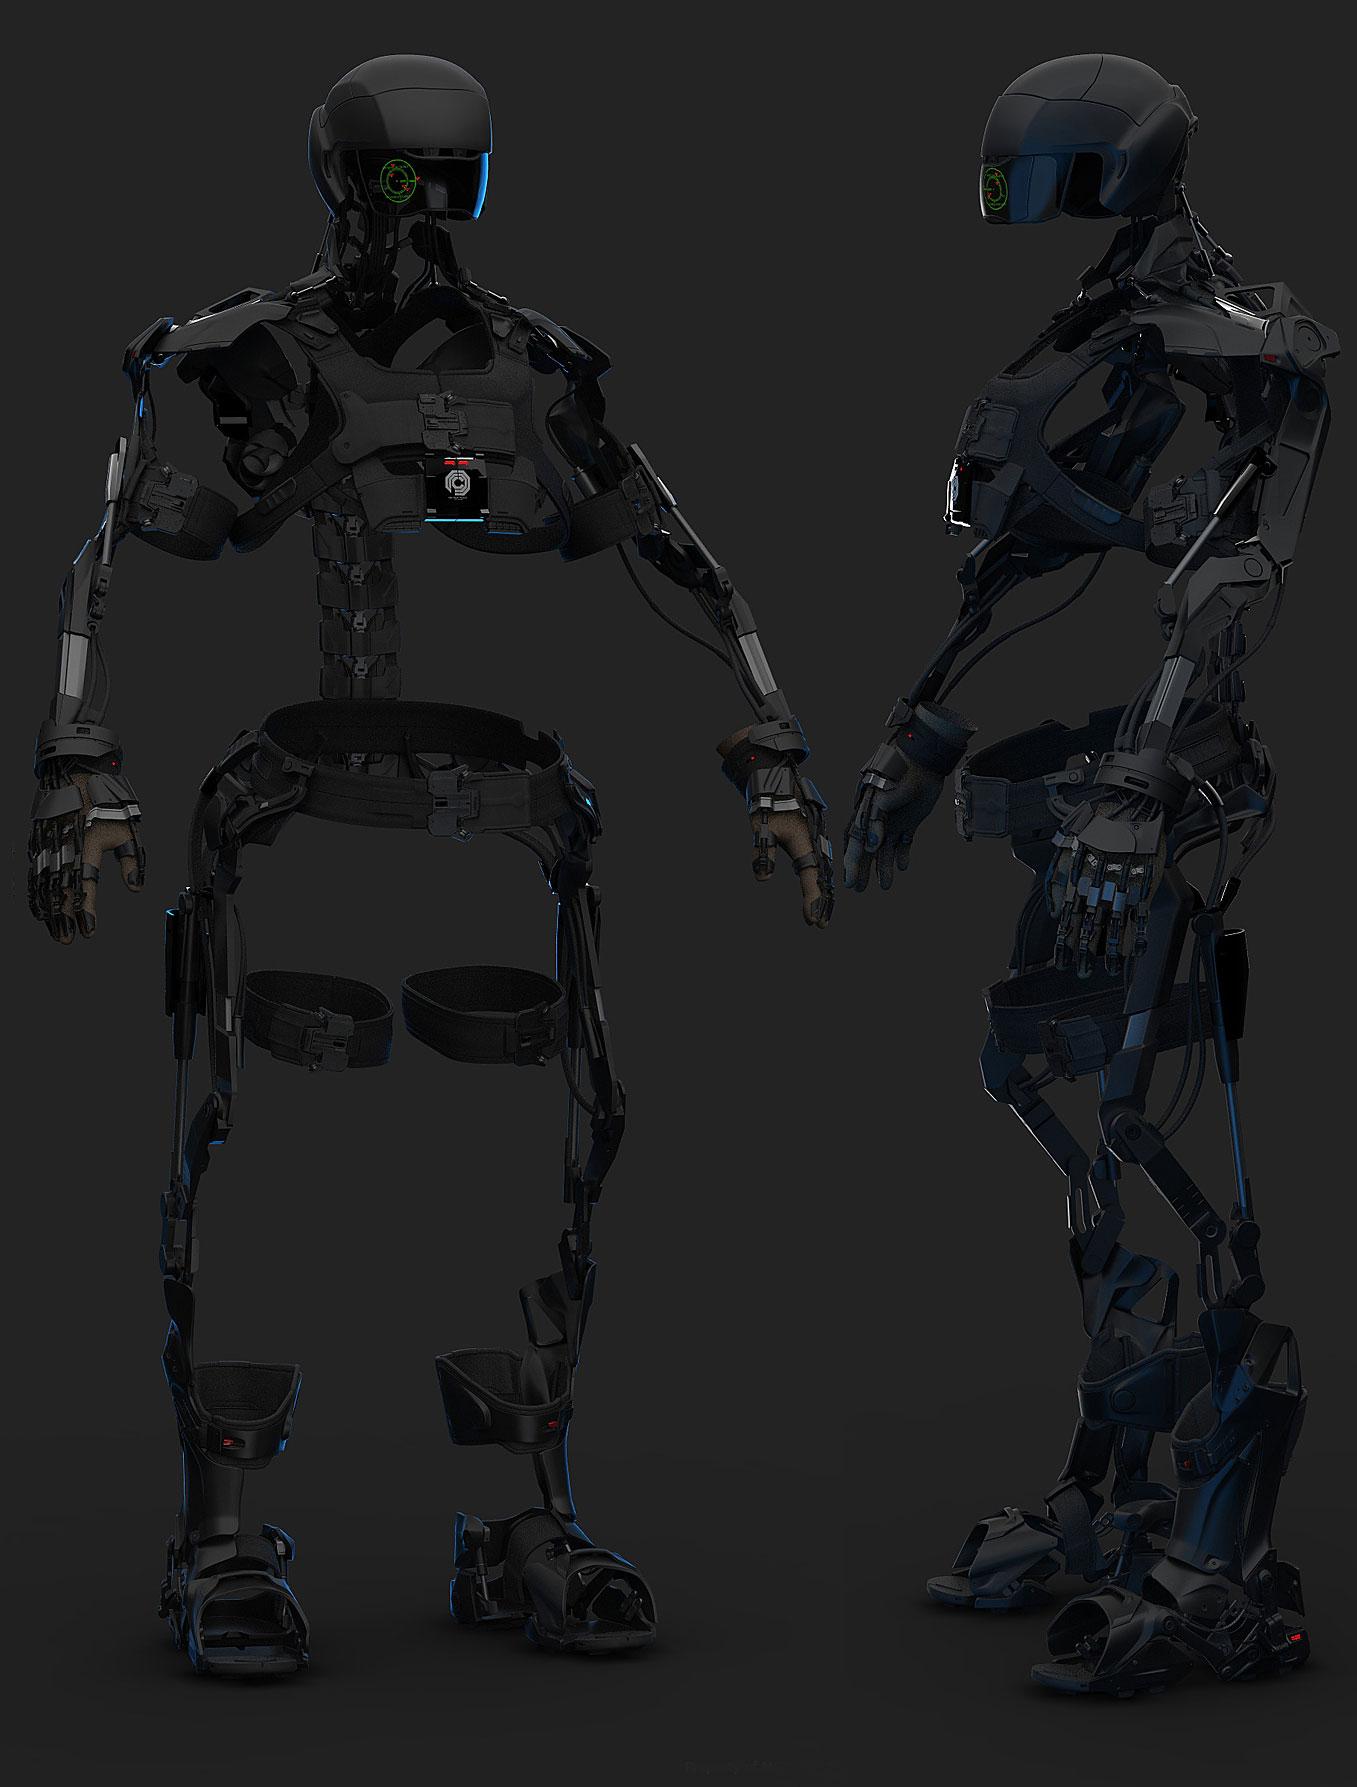 art-robocop-e45d